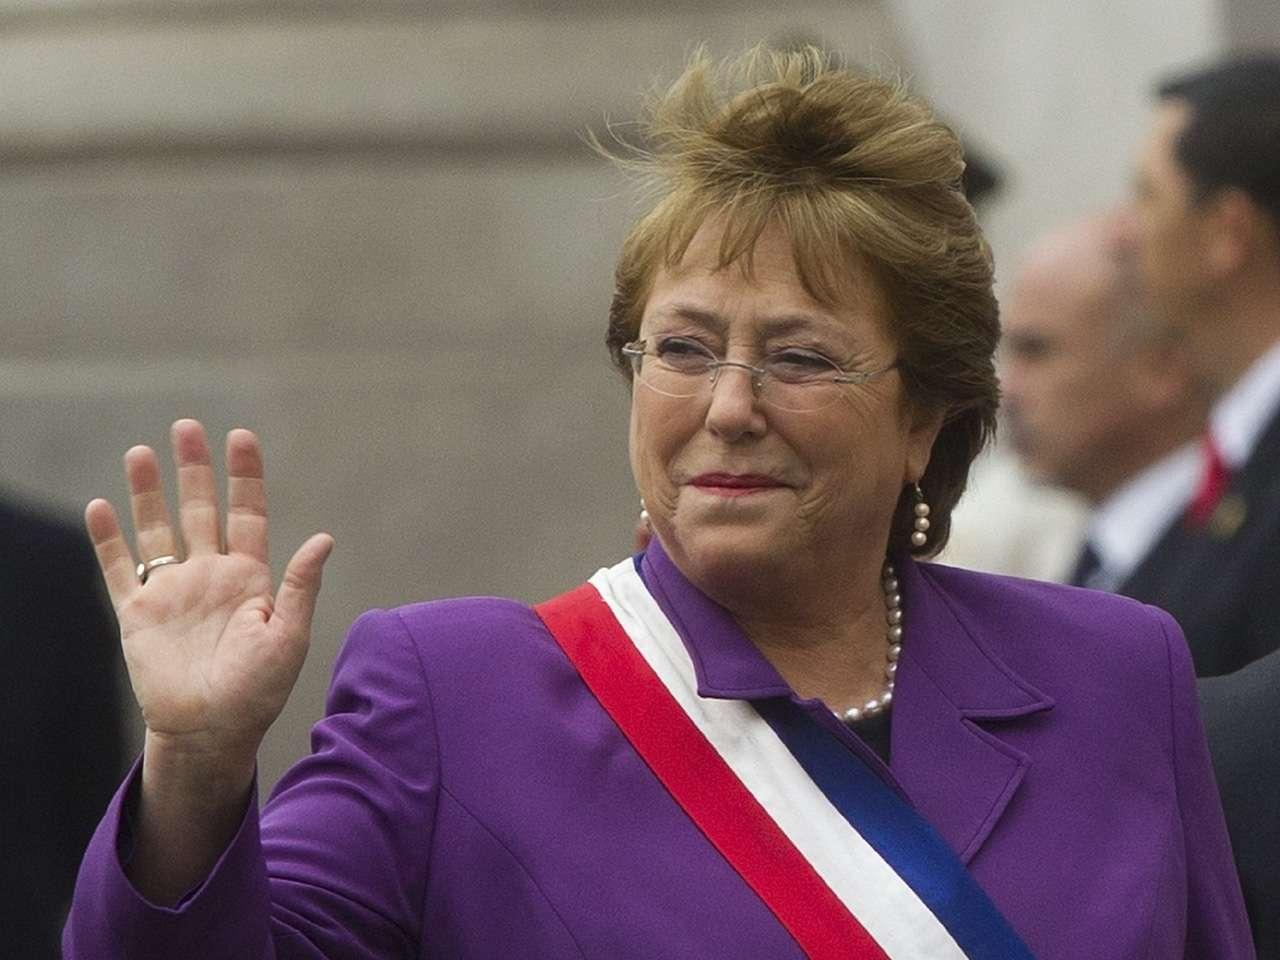 La presidenta de Chile, Michelle Bachelet, durante celebración del 204 aniversario de la Independencia de Chile Foto: AFP en español